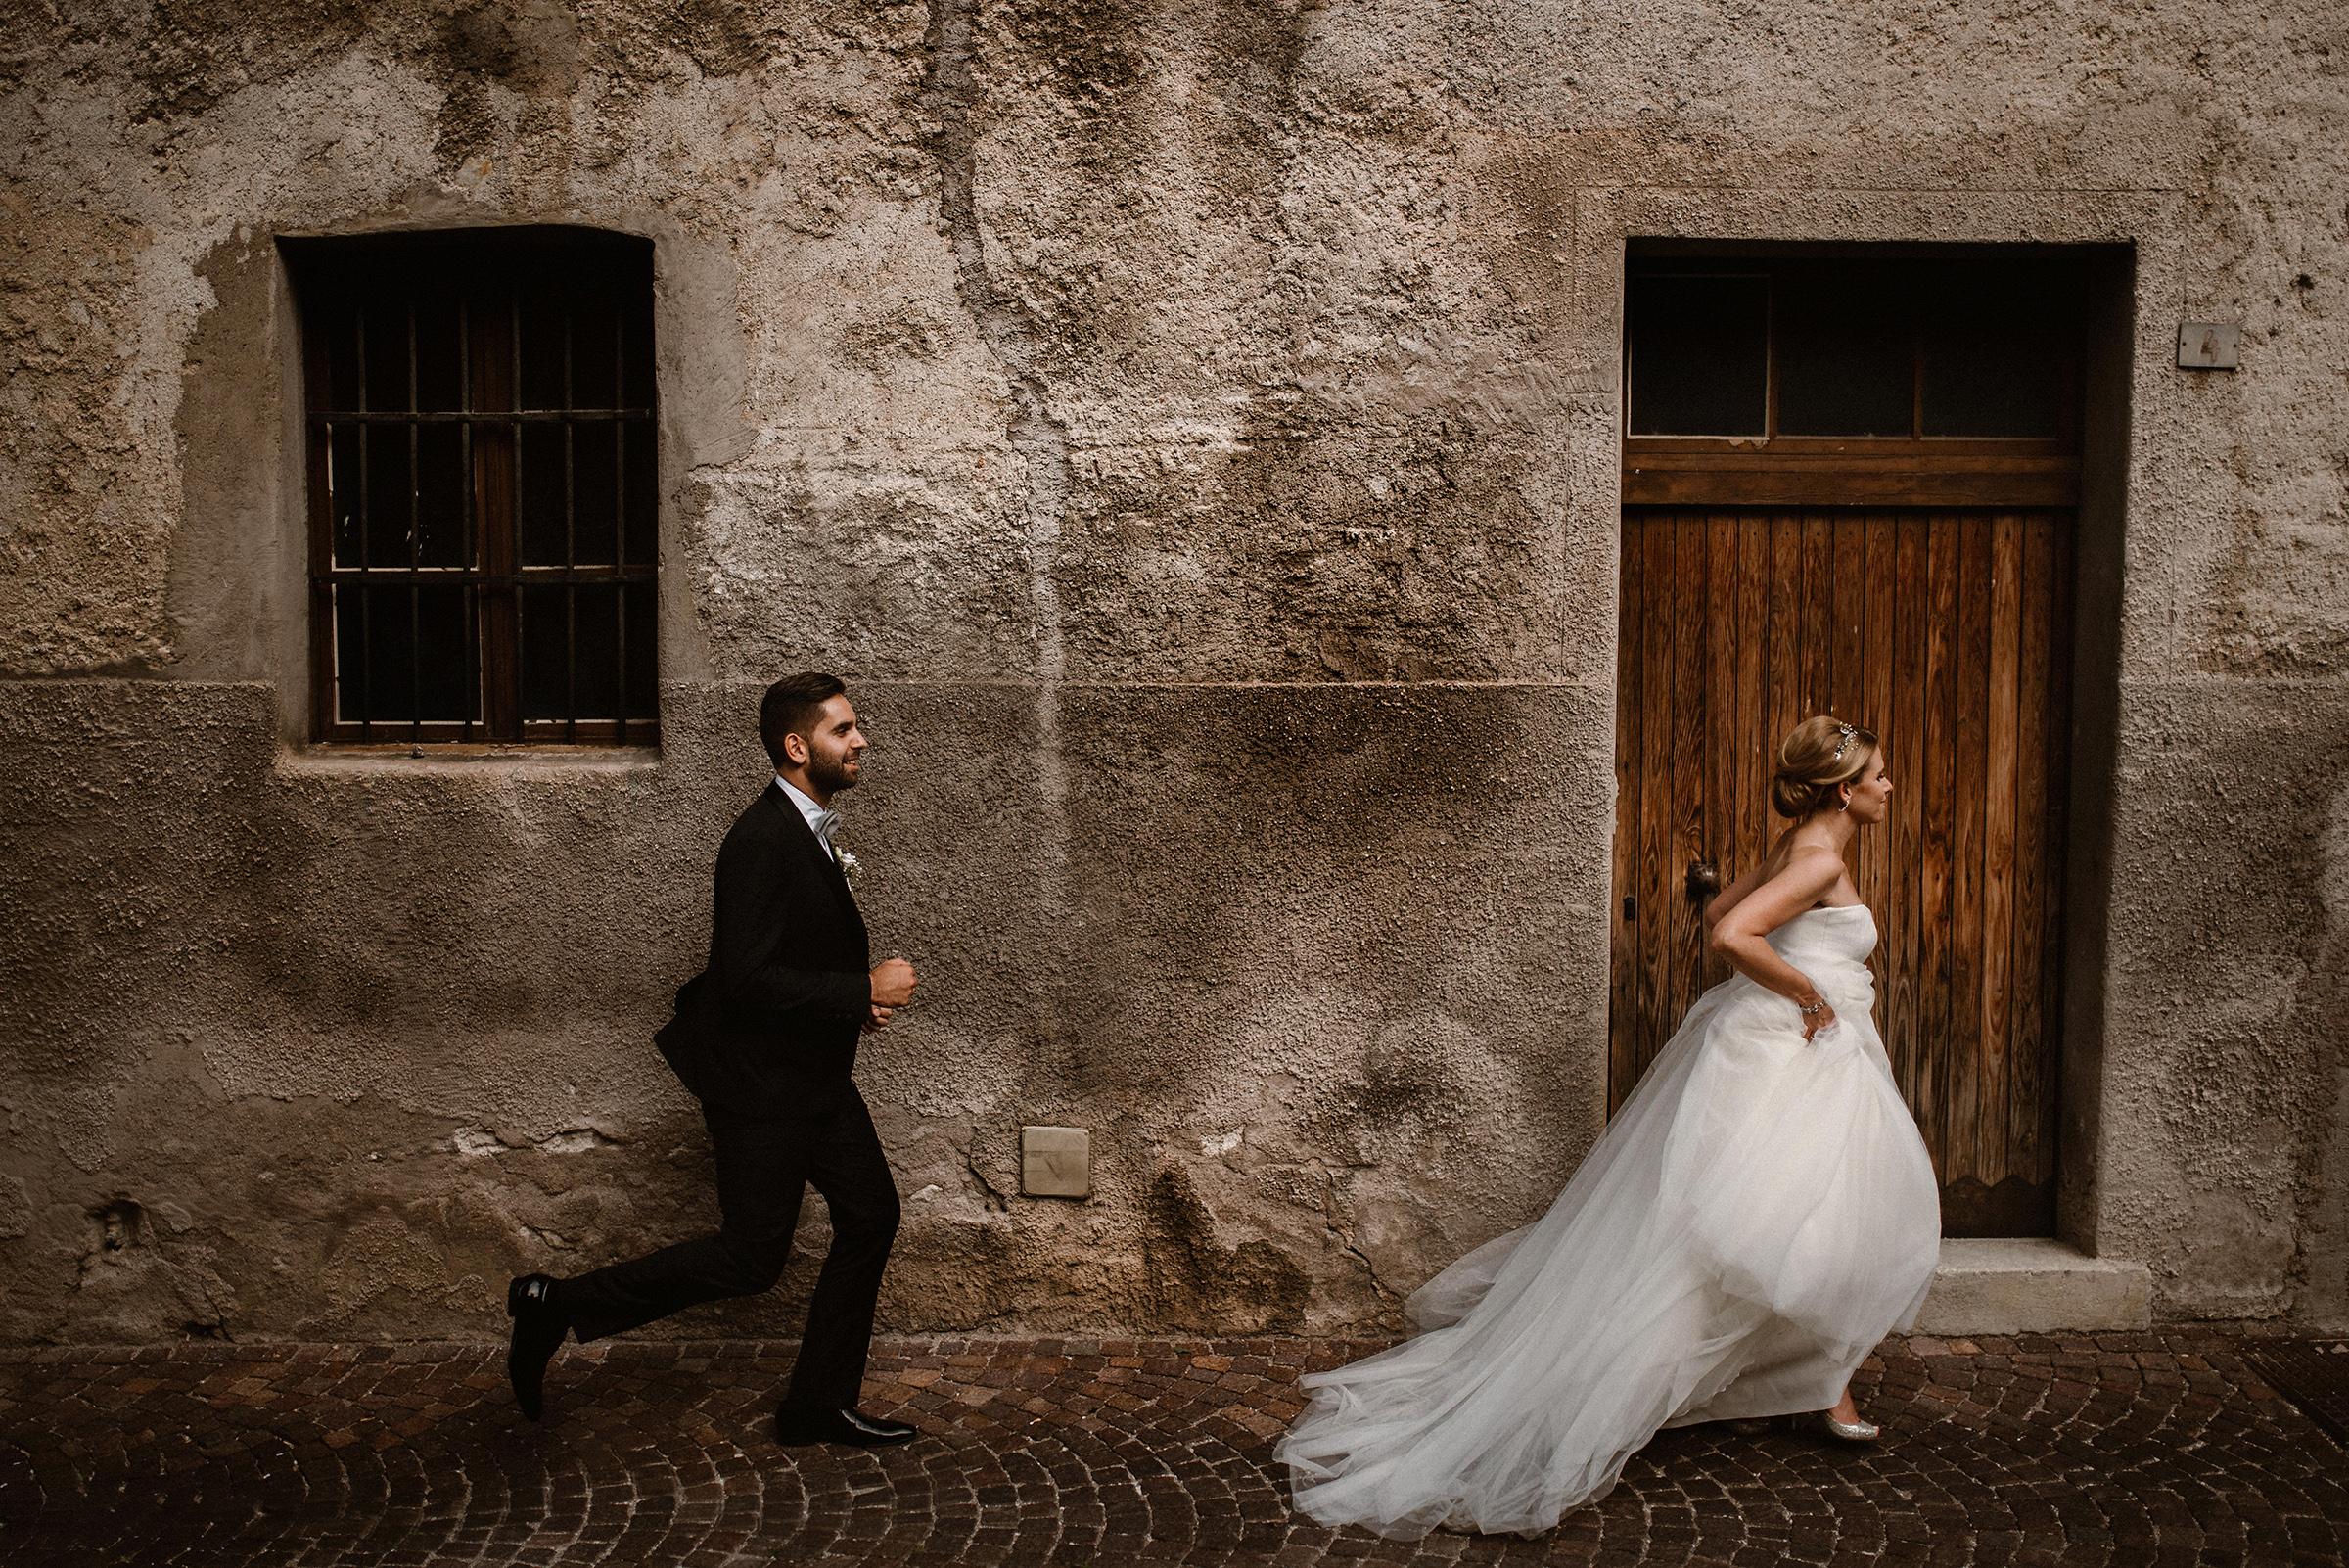 groom-chasing-after-bride-virginia-evan